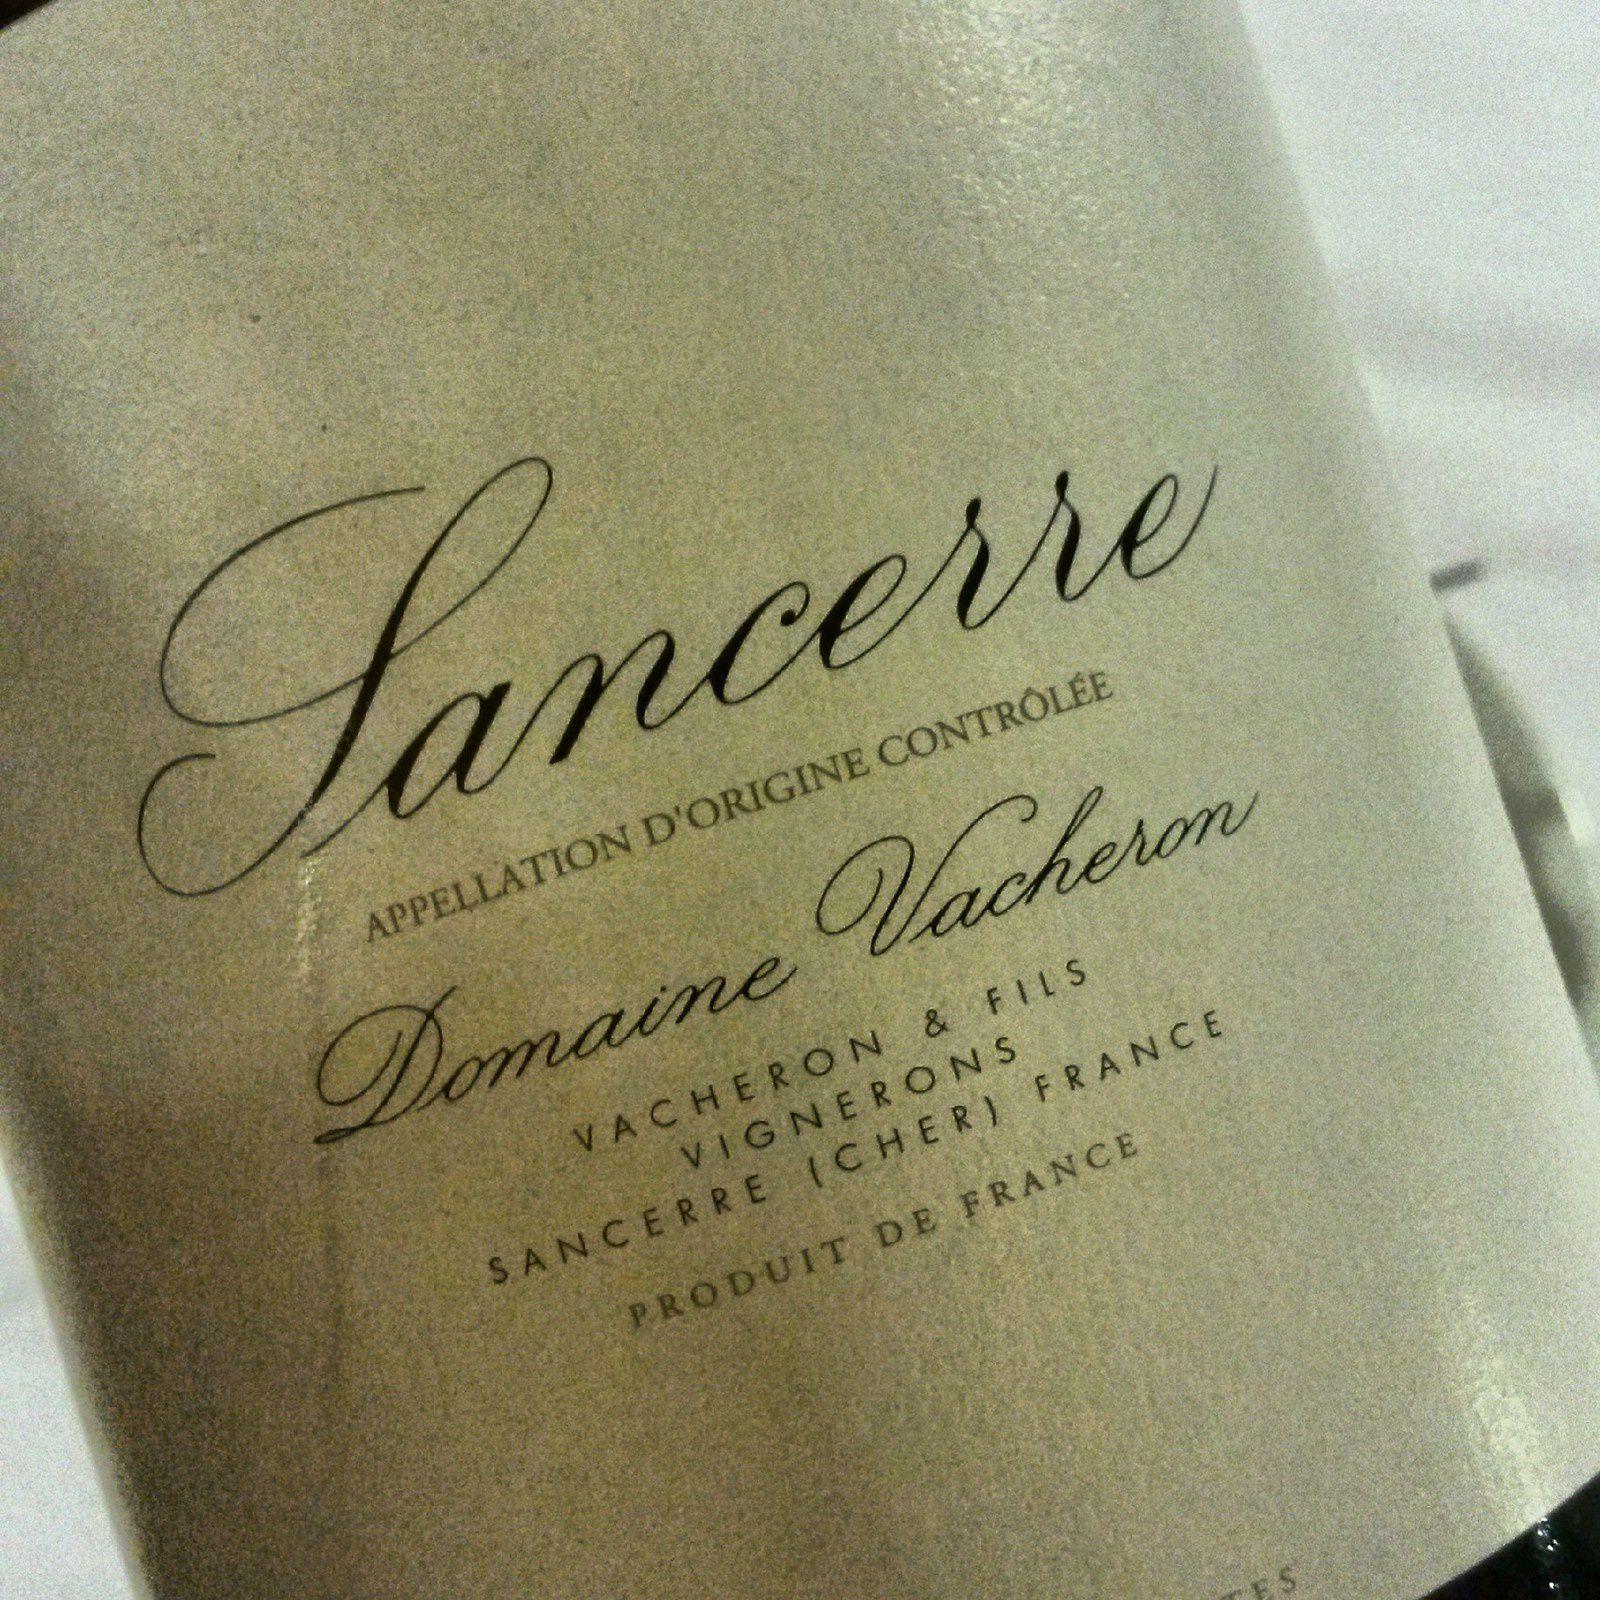 SANCERRE 2010, VACHERON